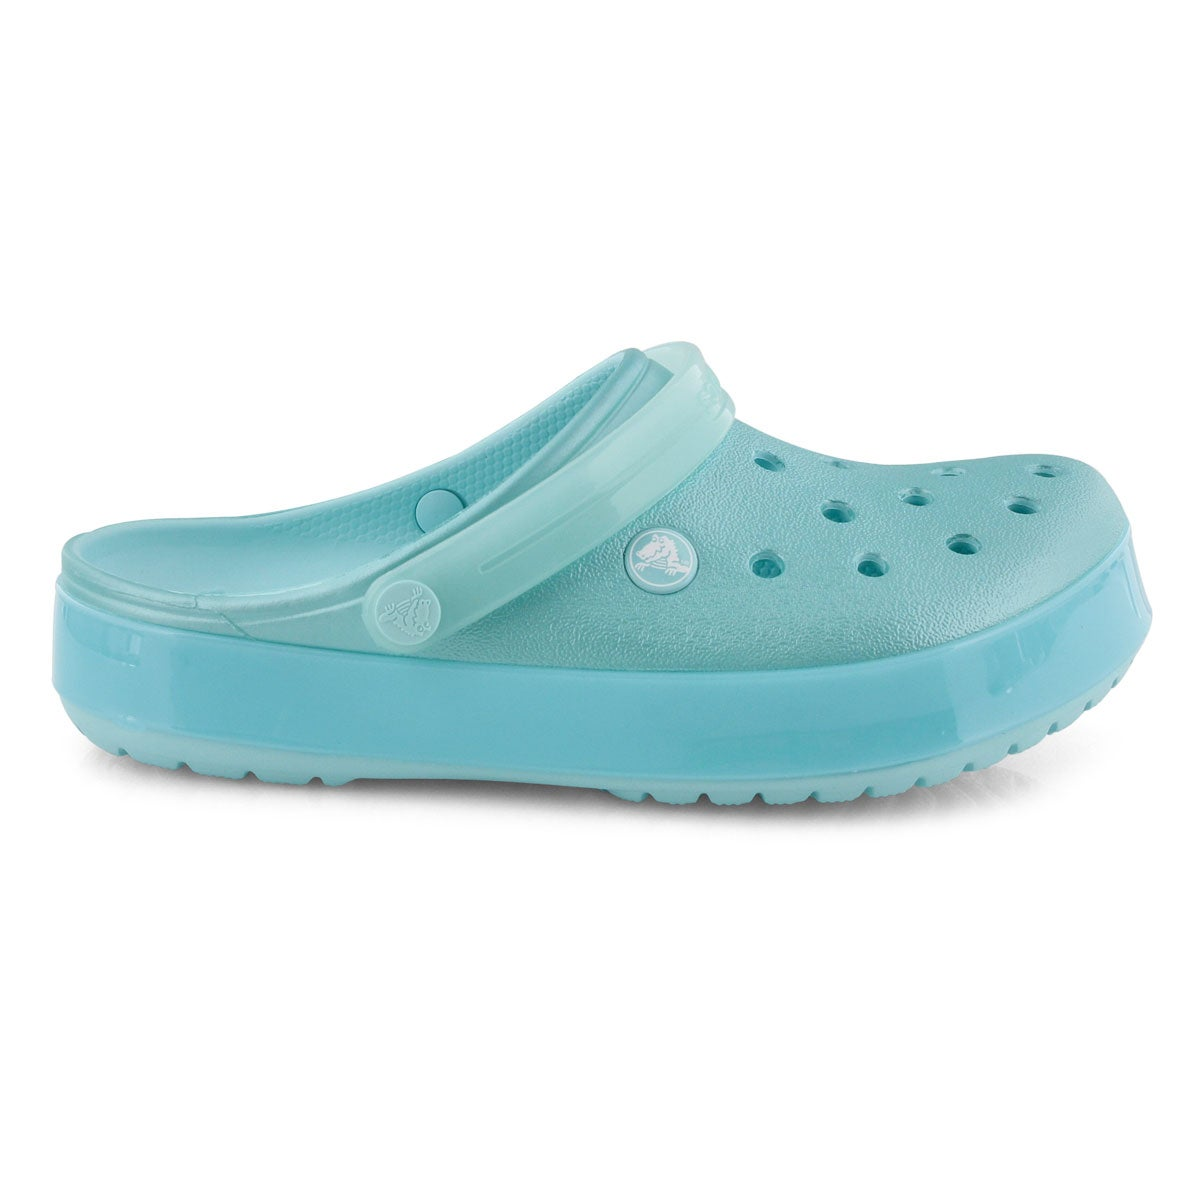 Lds Crocband Ice Pop ice blu EVA clog